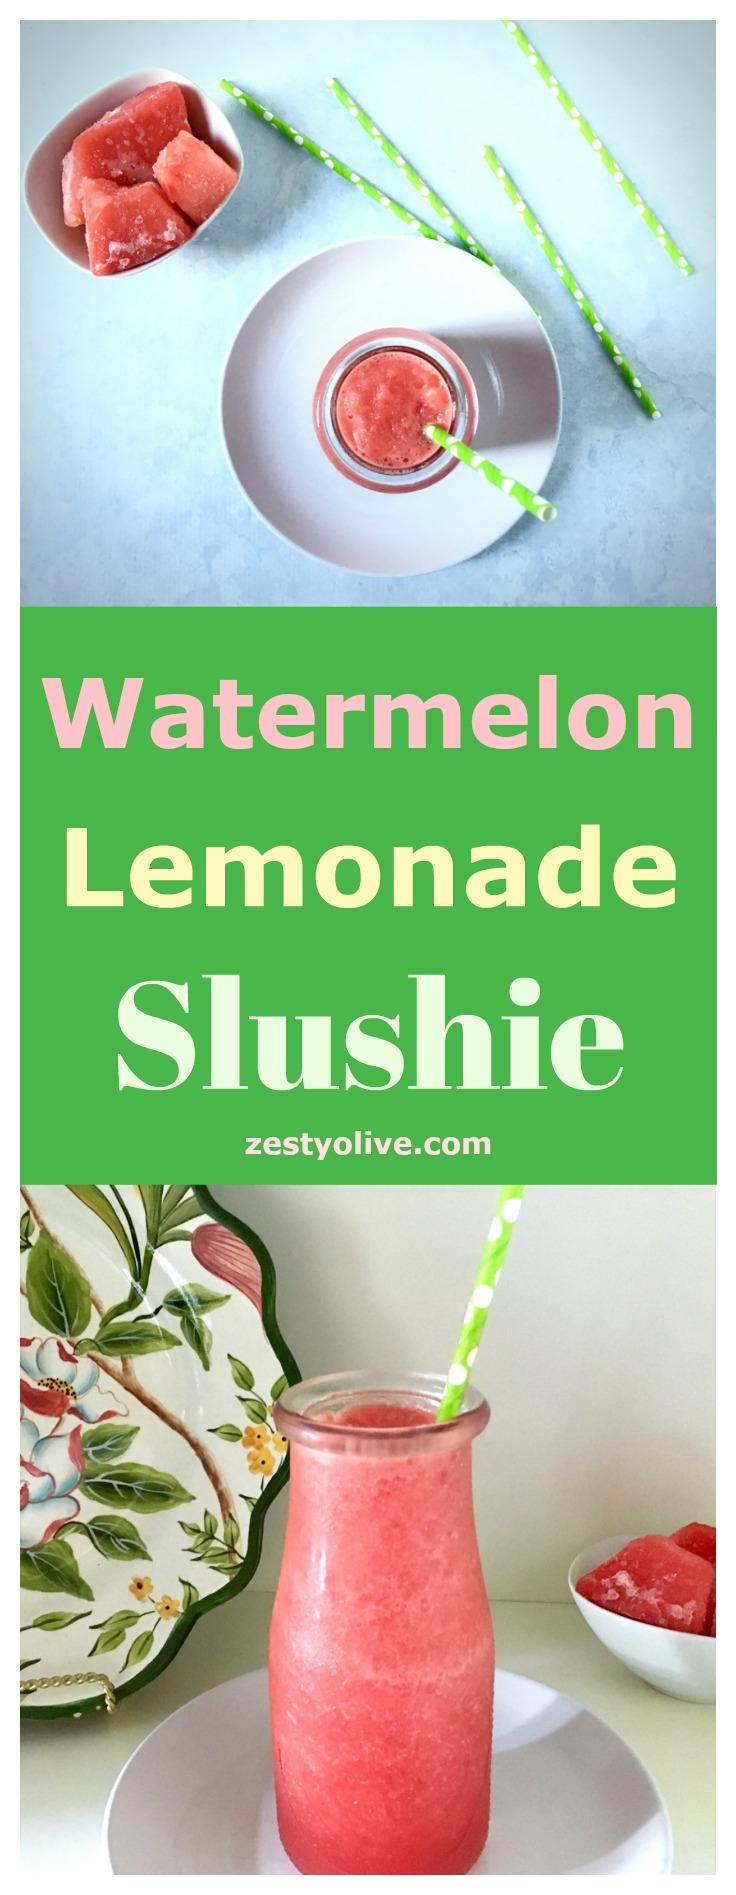 Watermelon Lemonade Slushie